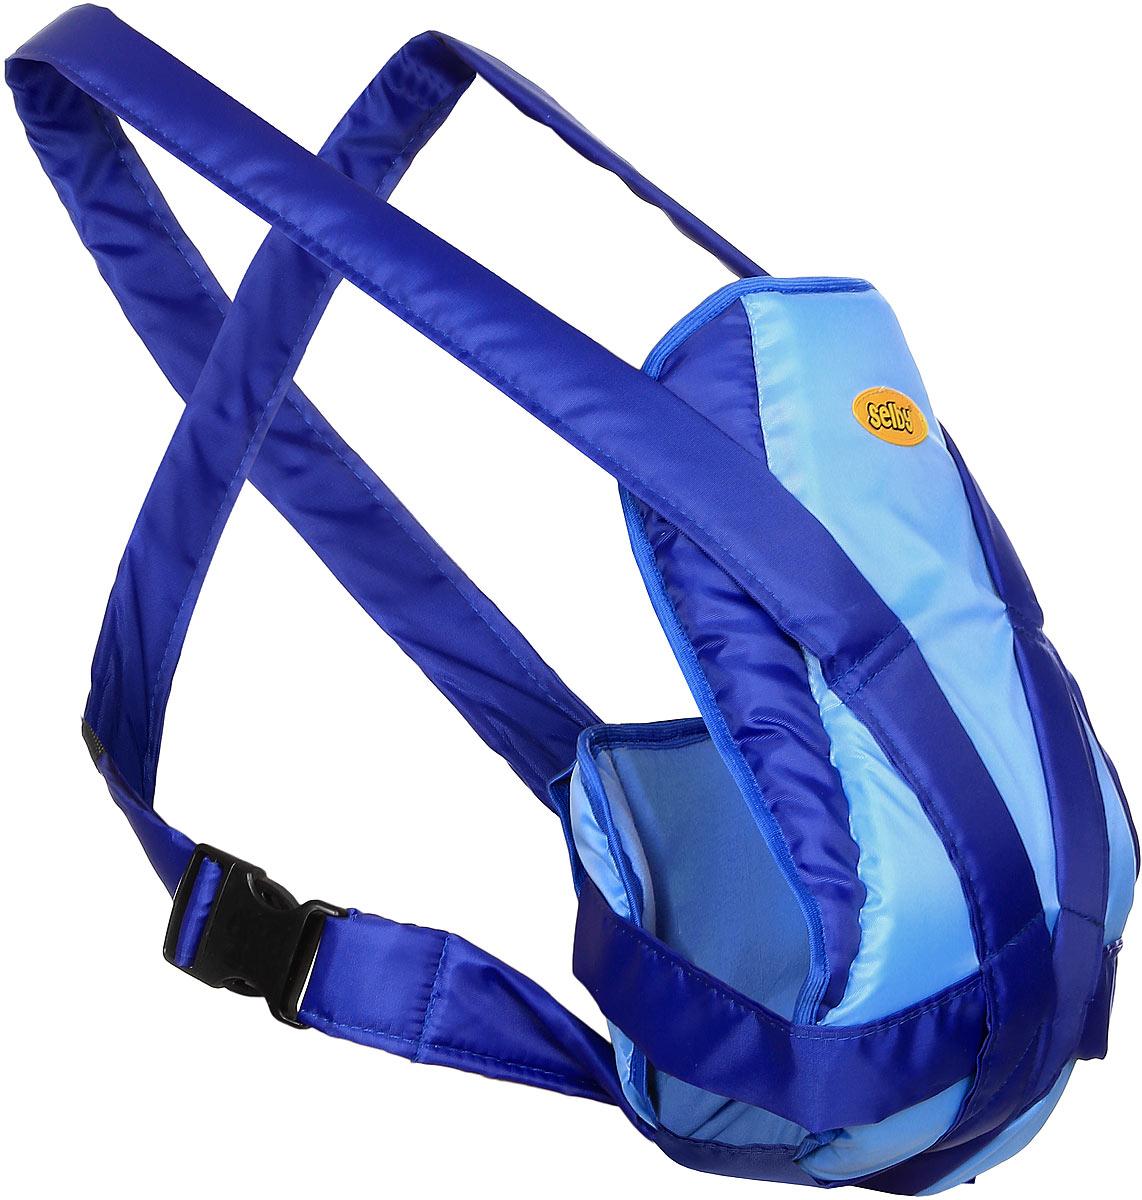 Selby Рюкзак-кенгуру Классик цвет голубой синий рюкзак кенгуру selby классик серый